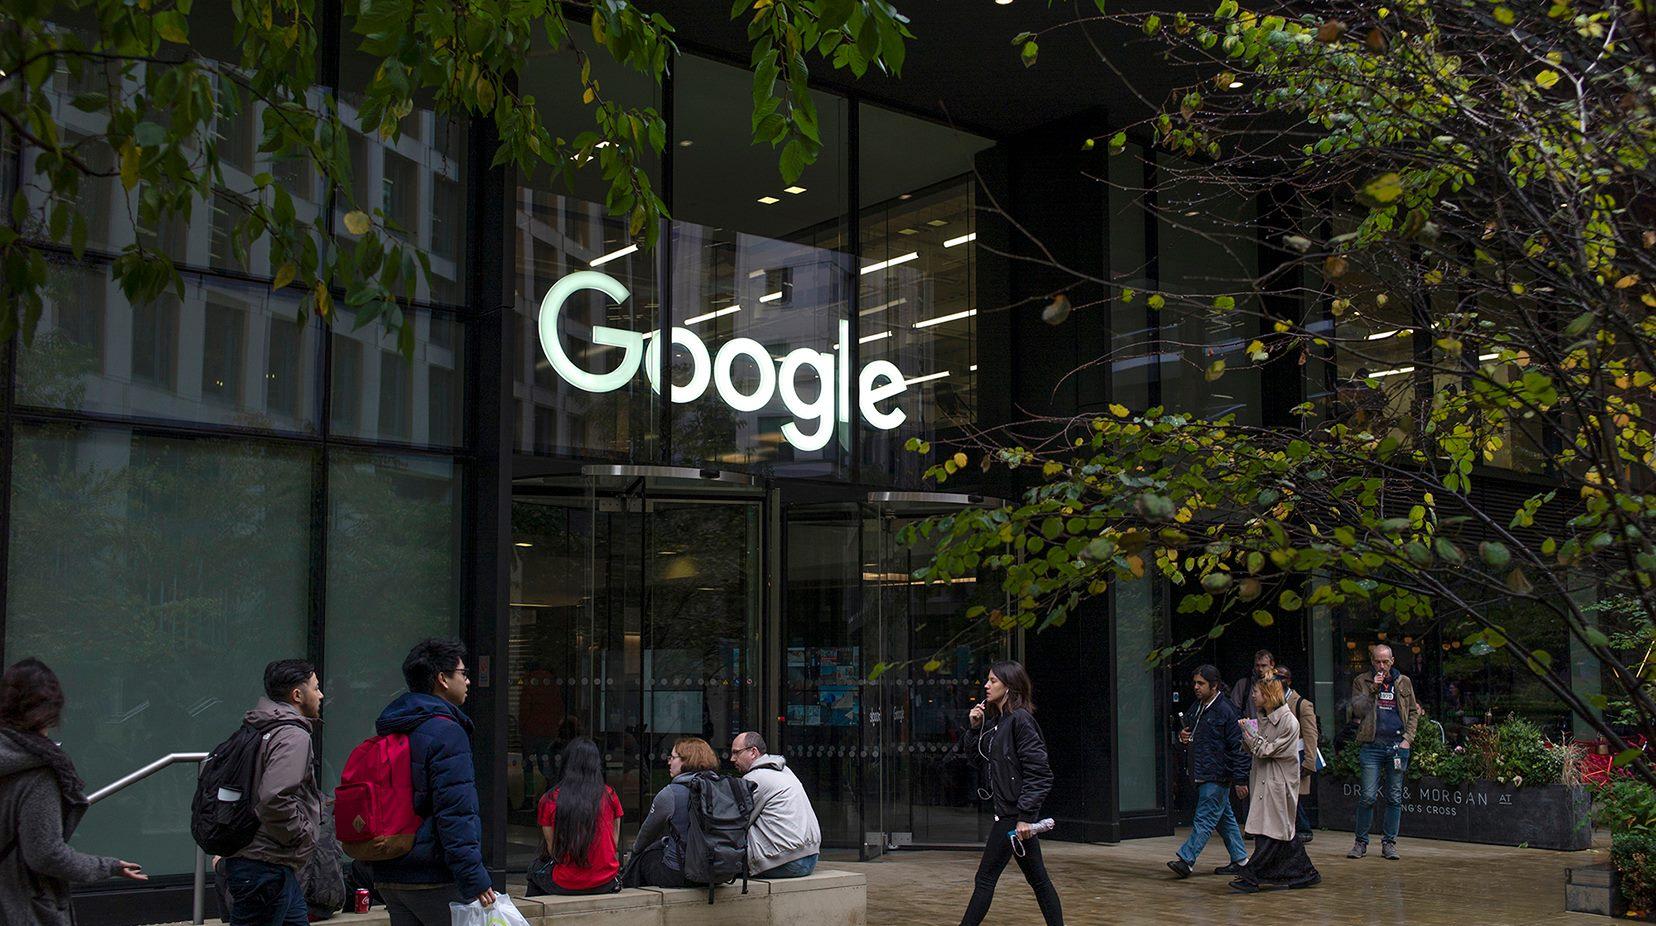 Випадкова помилка Google вартістю $10 млн